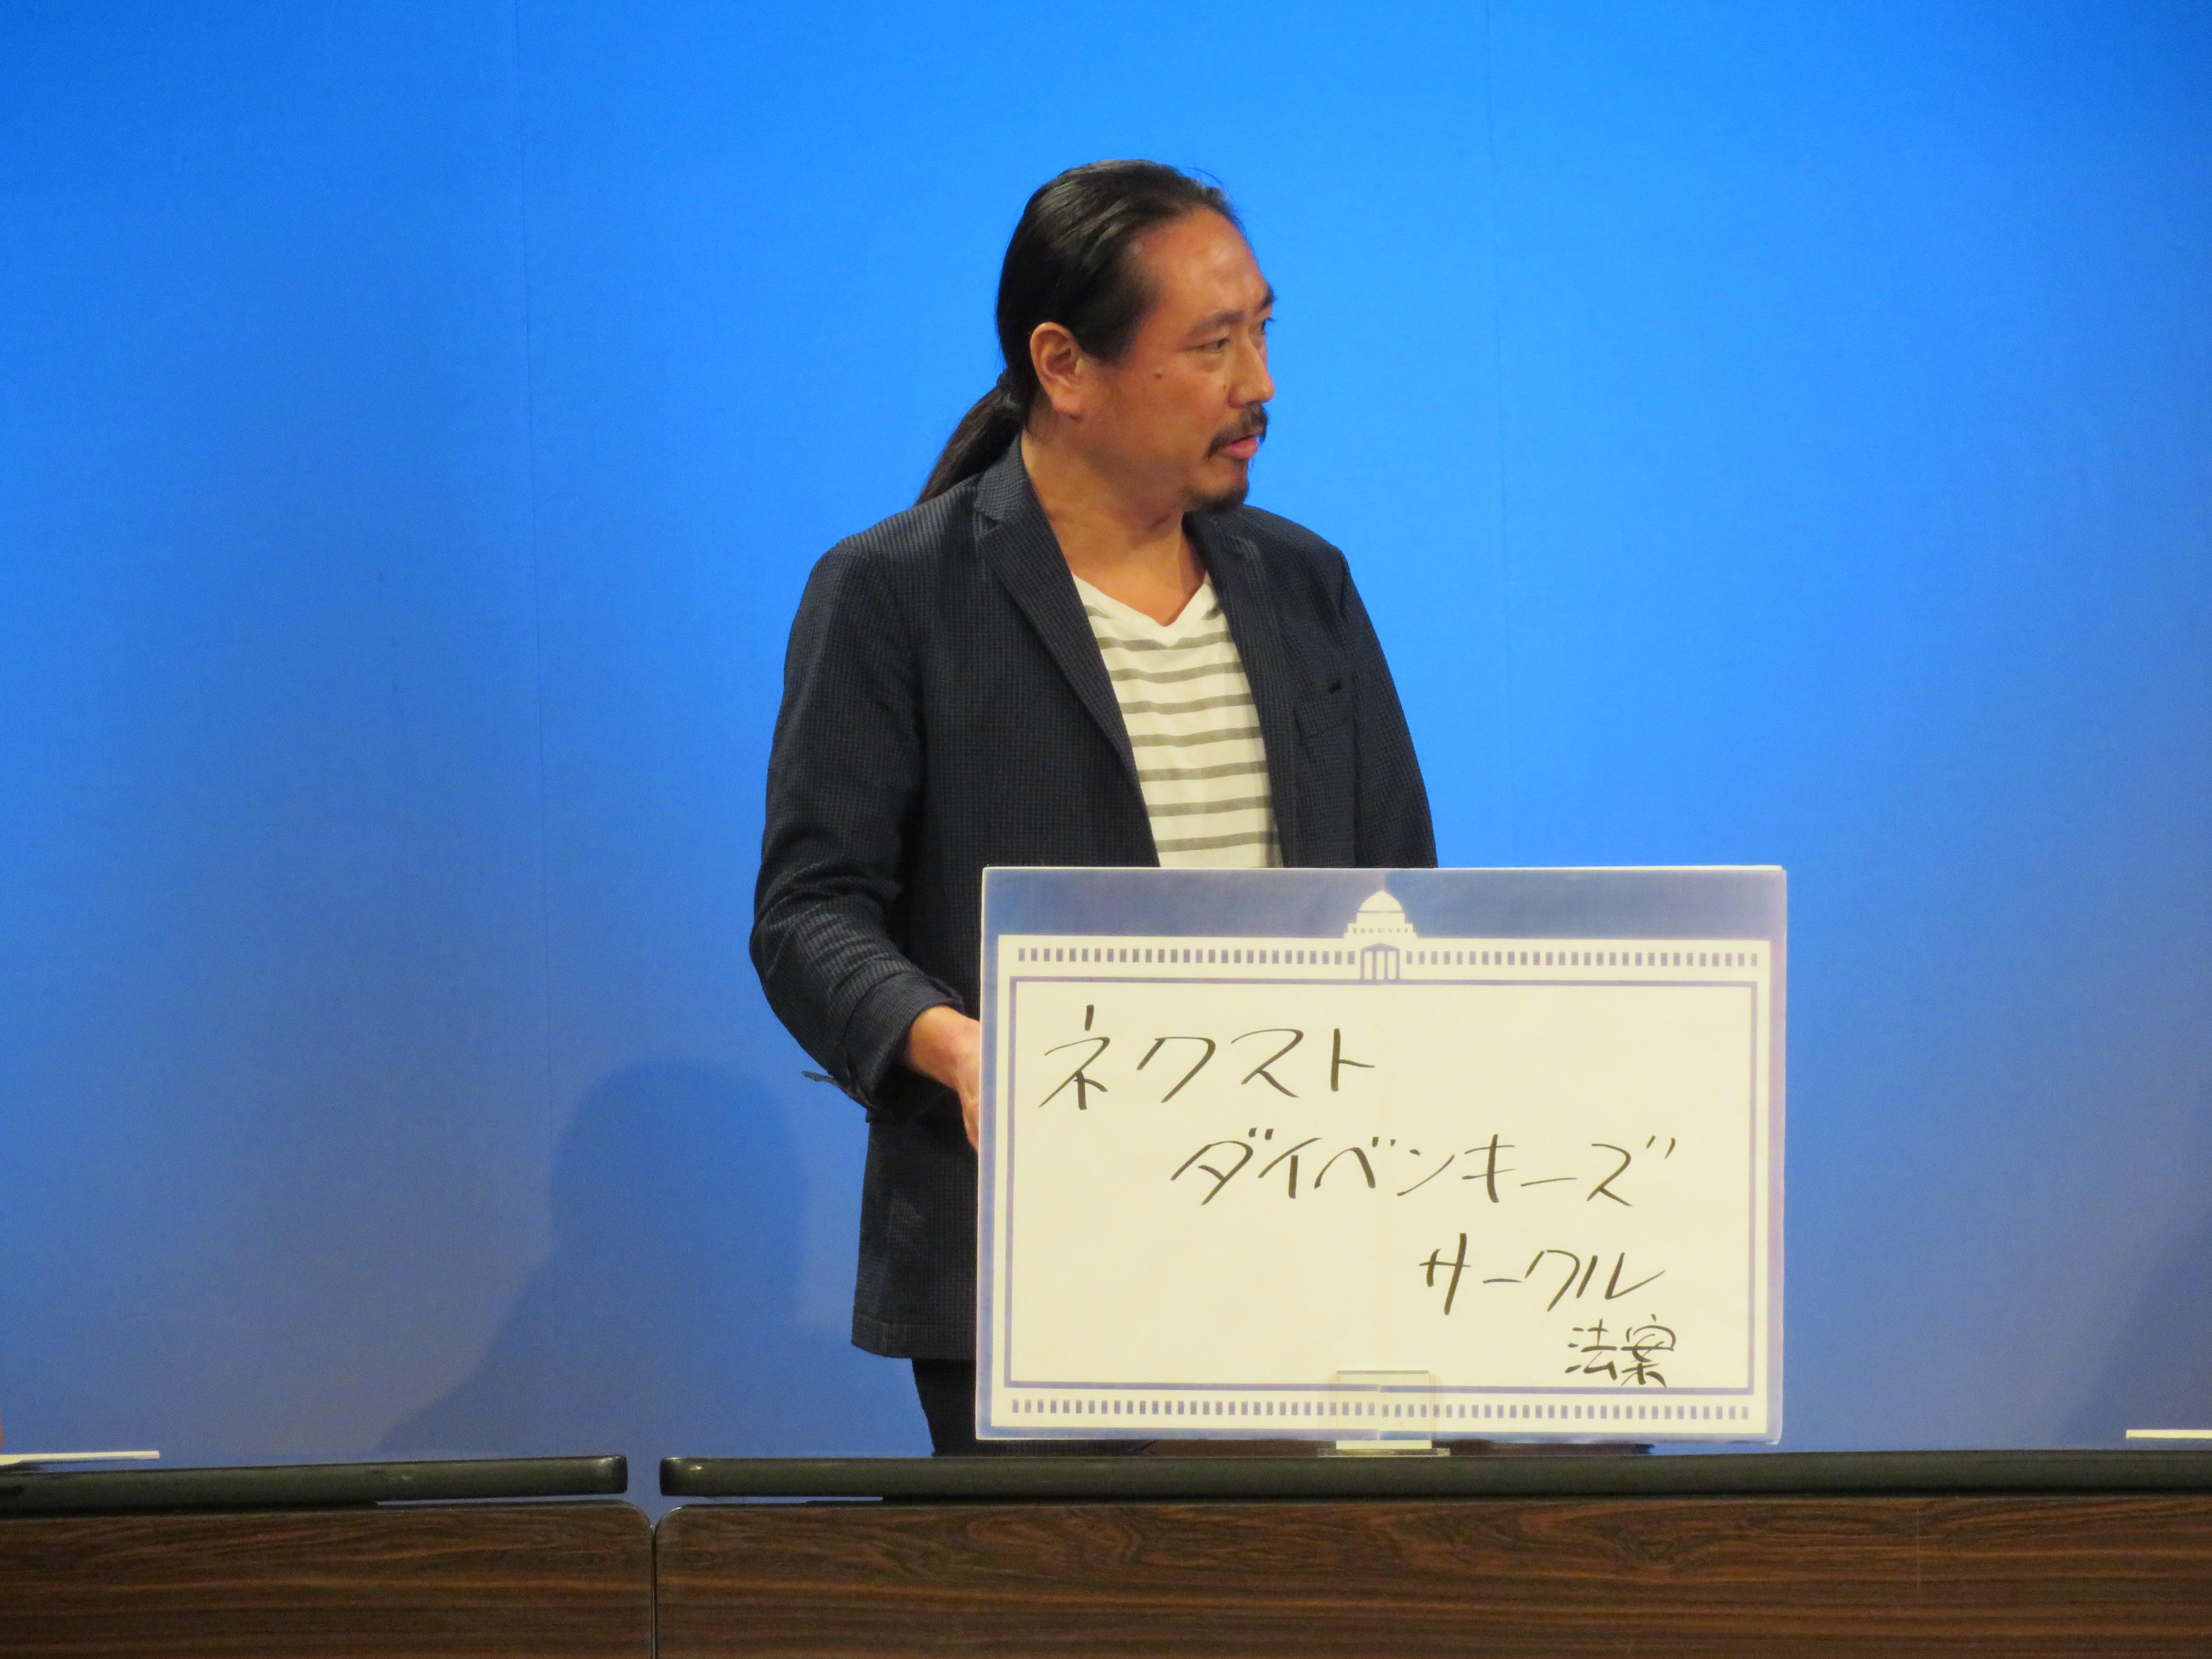 http://news.yoshimoto.co.jp/20170803163228-e20962a174ac92fdacbf8666cfd7bc75809d4697.jpg